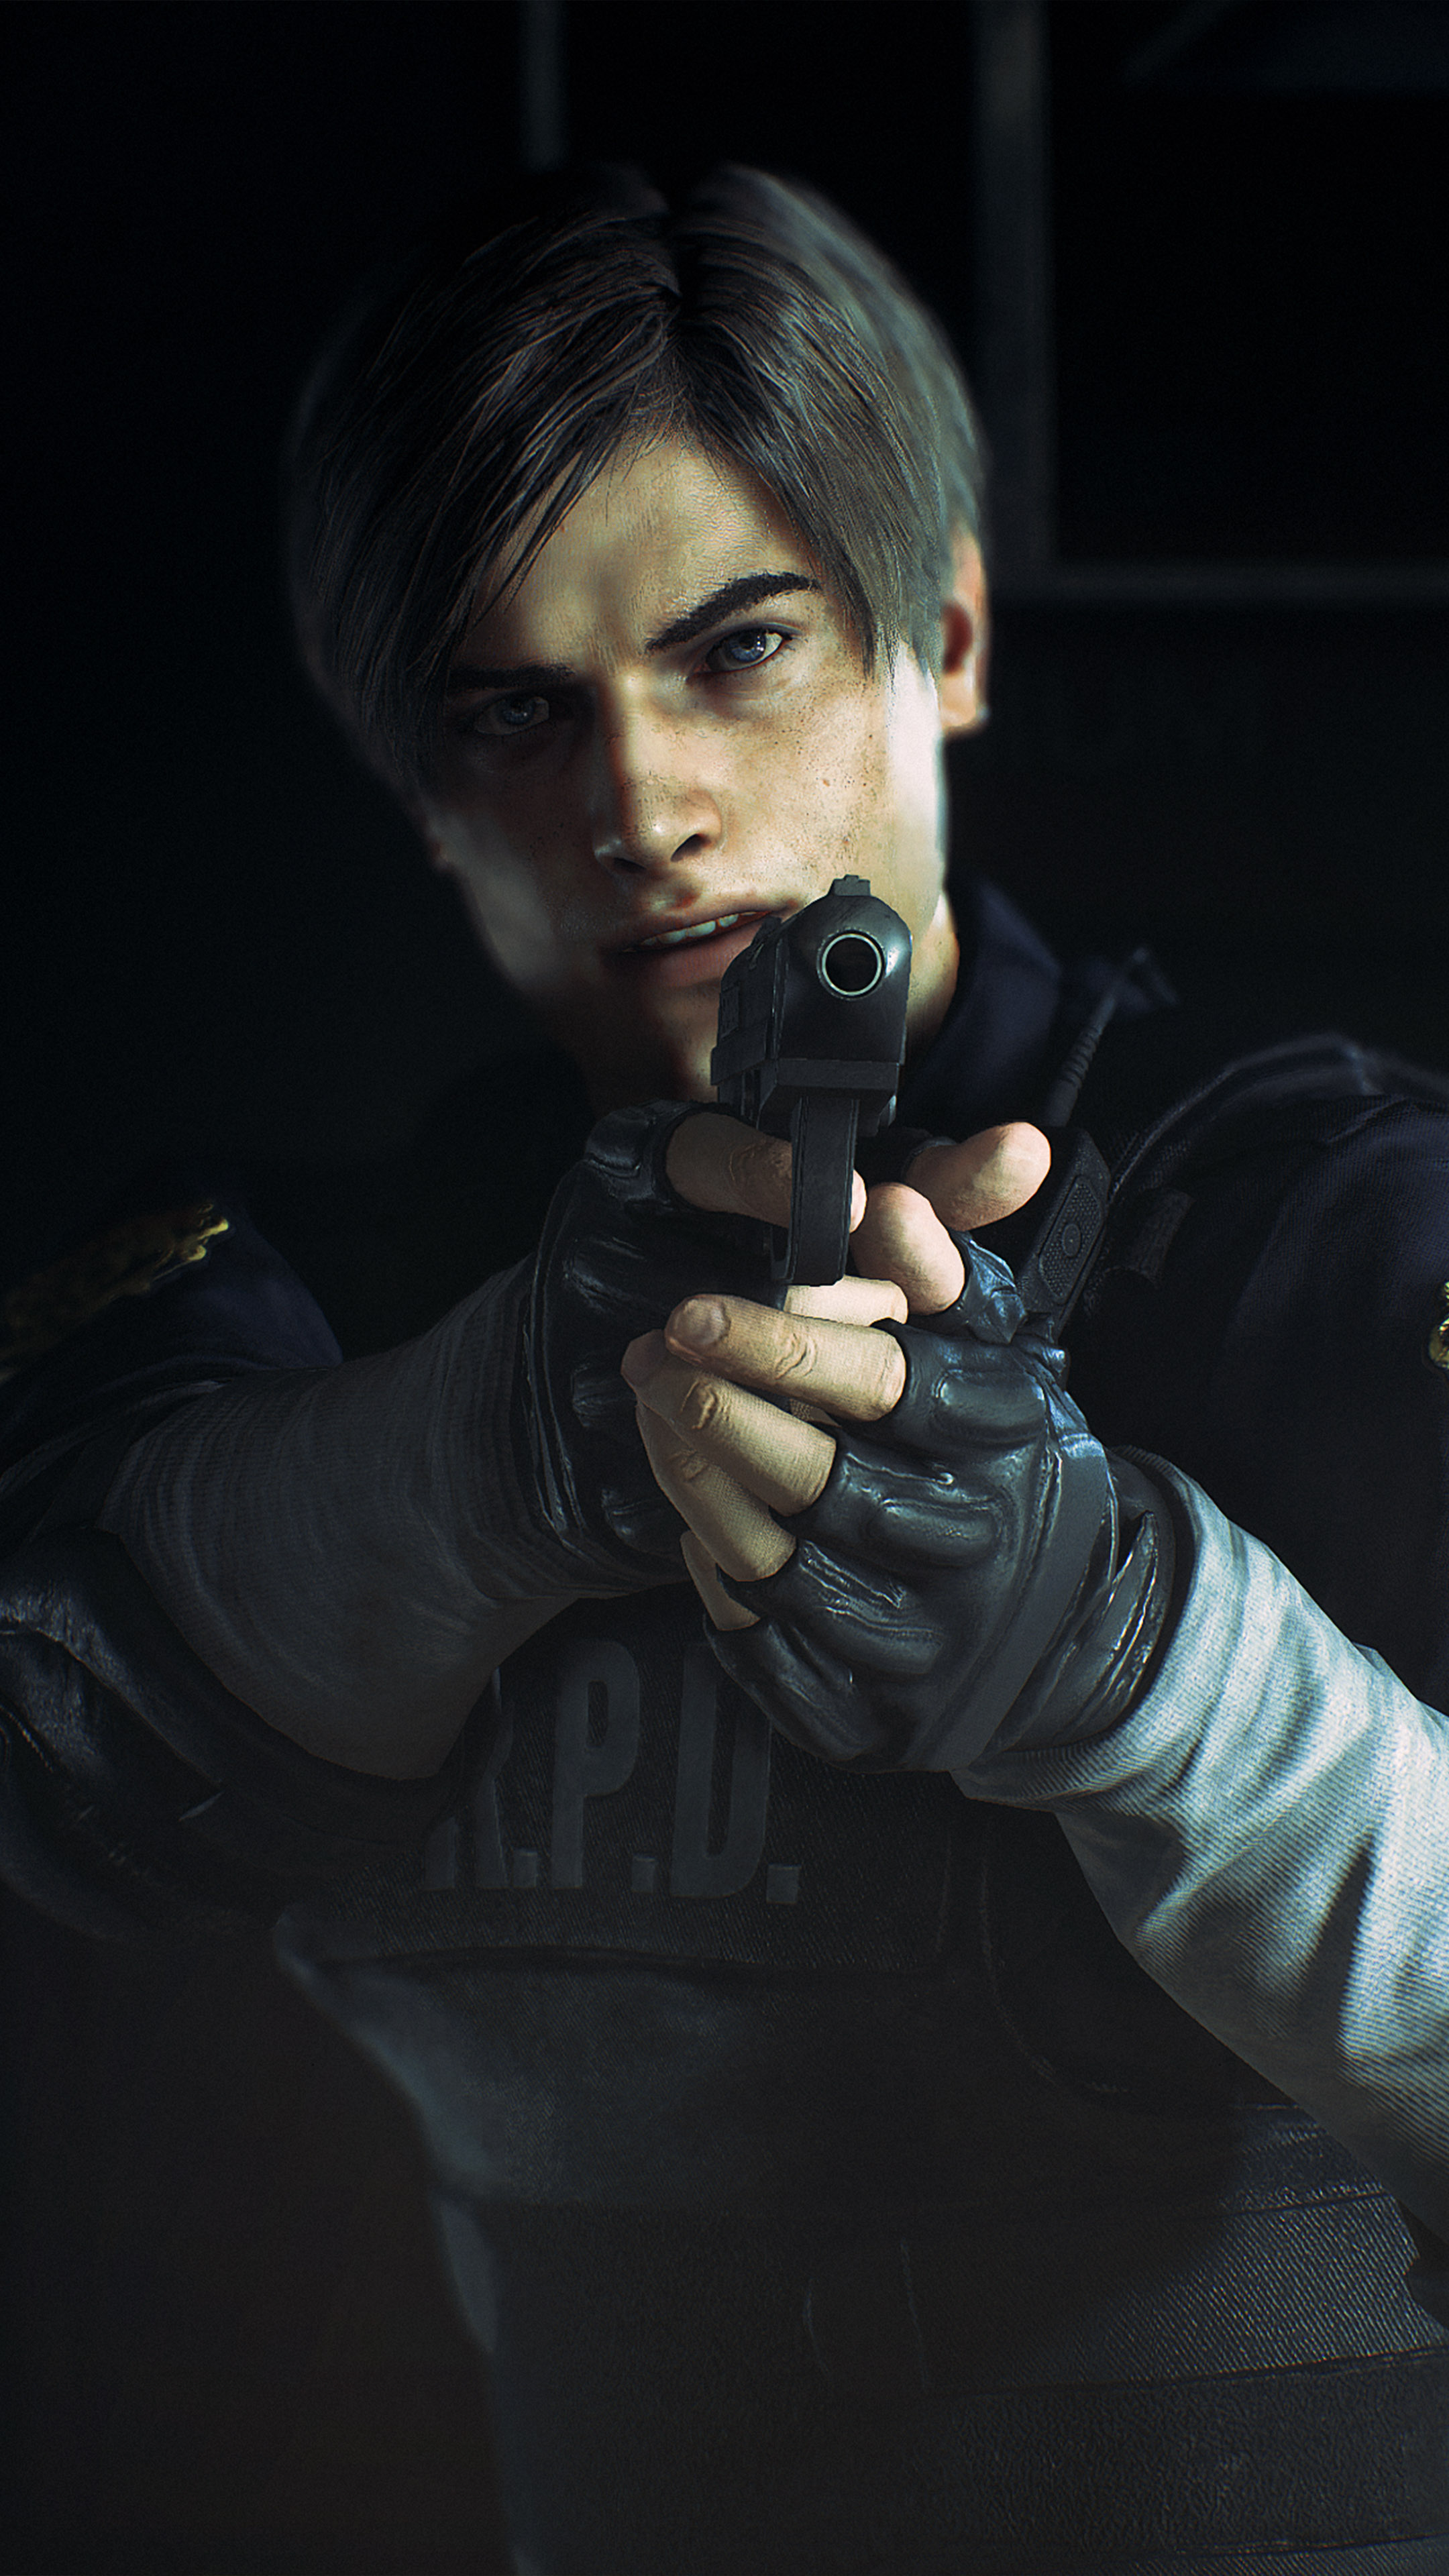 Leon S Kennedy Resident Evil 2 Free 4k Ultra Hd Mobile Wallpaper